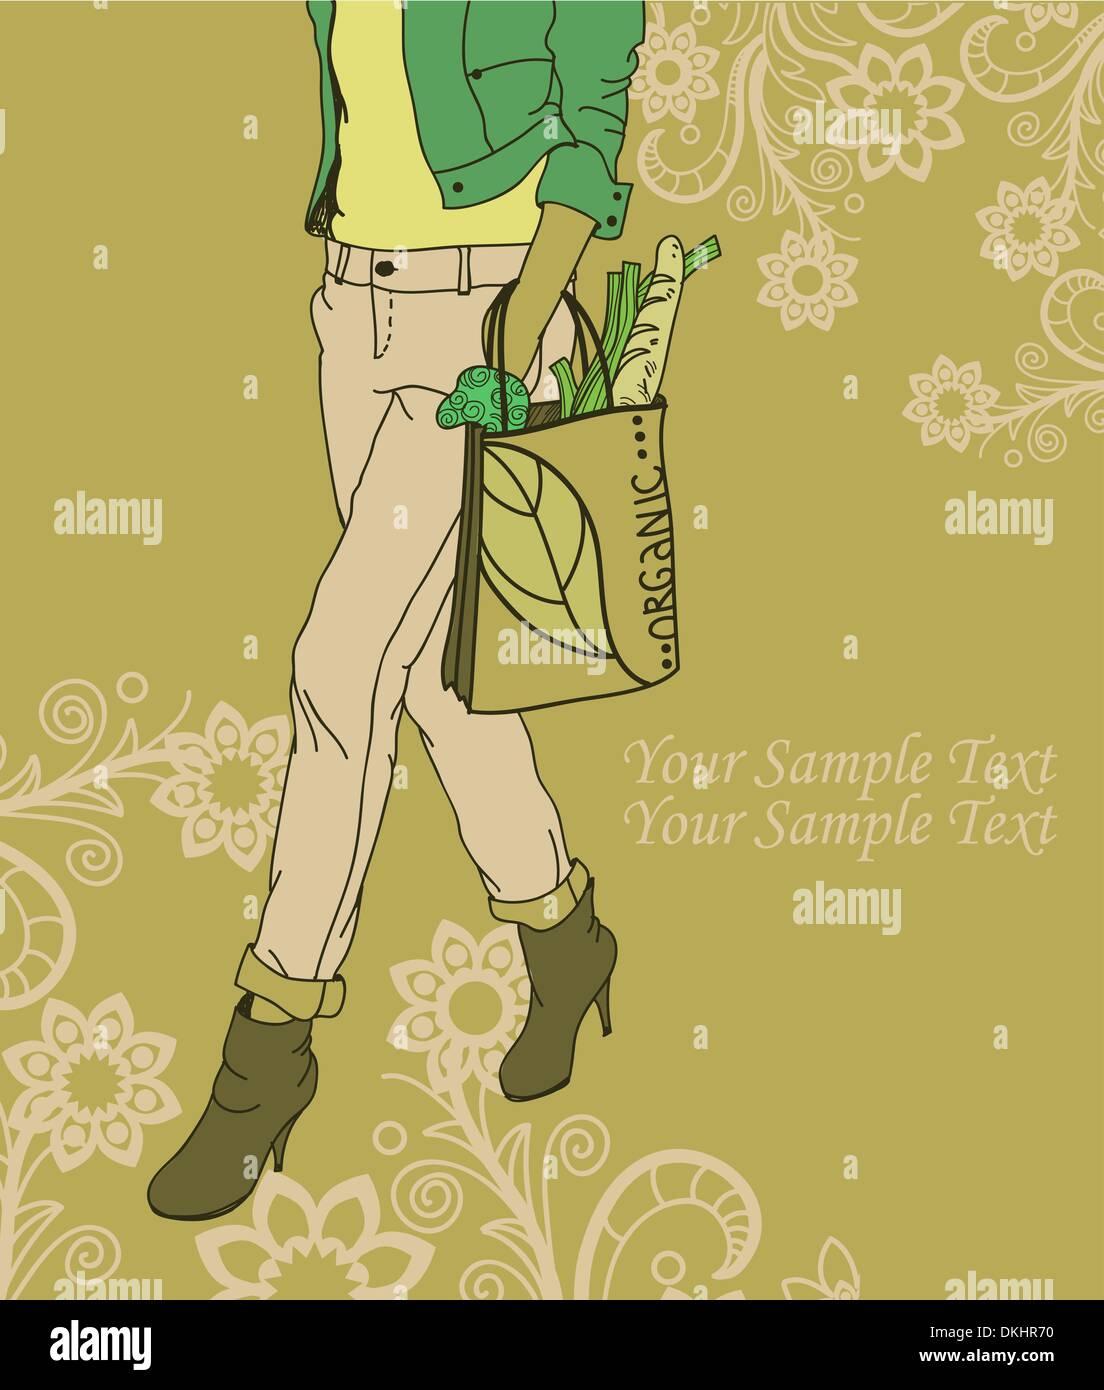 Chica de moda con una bolsa de productos orgánicos sobre un fondo floral Imagen De Stock